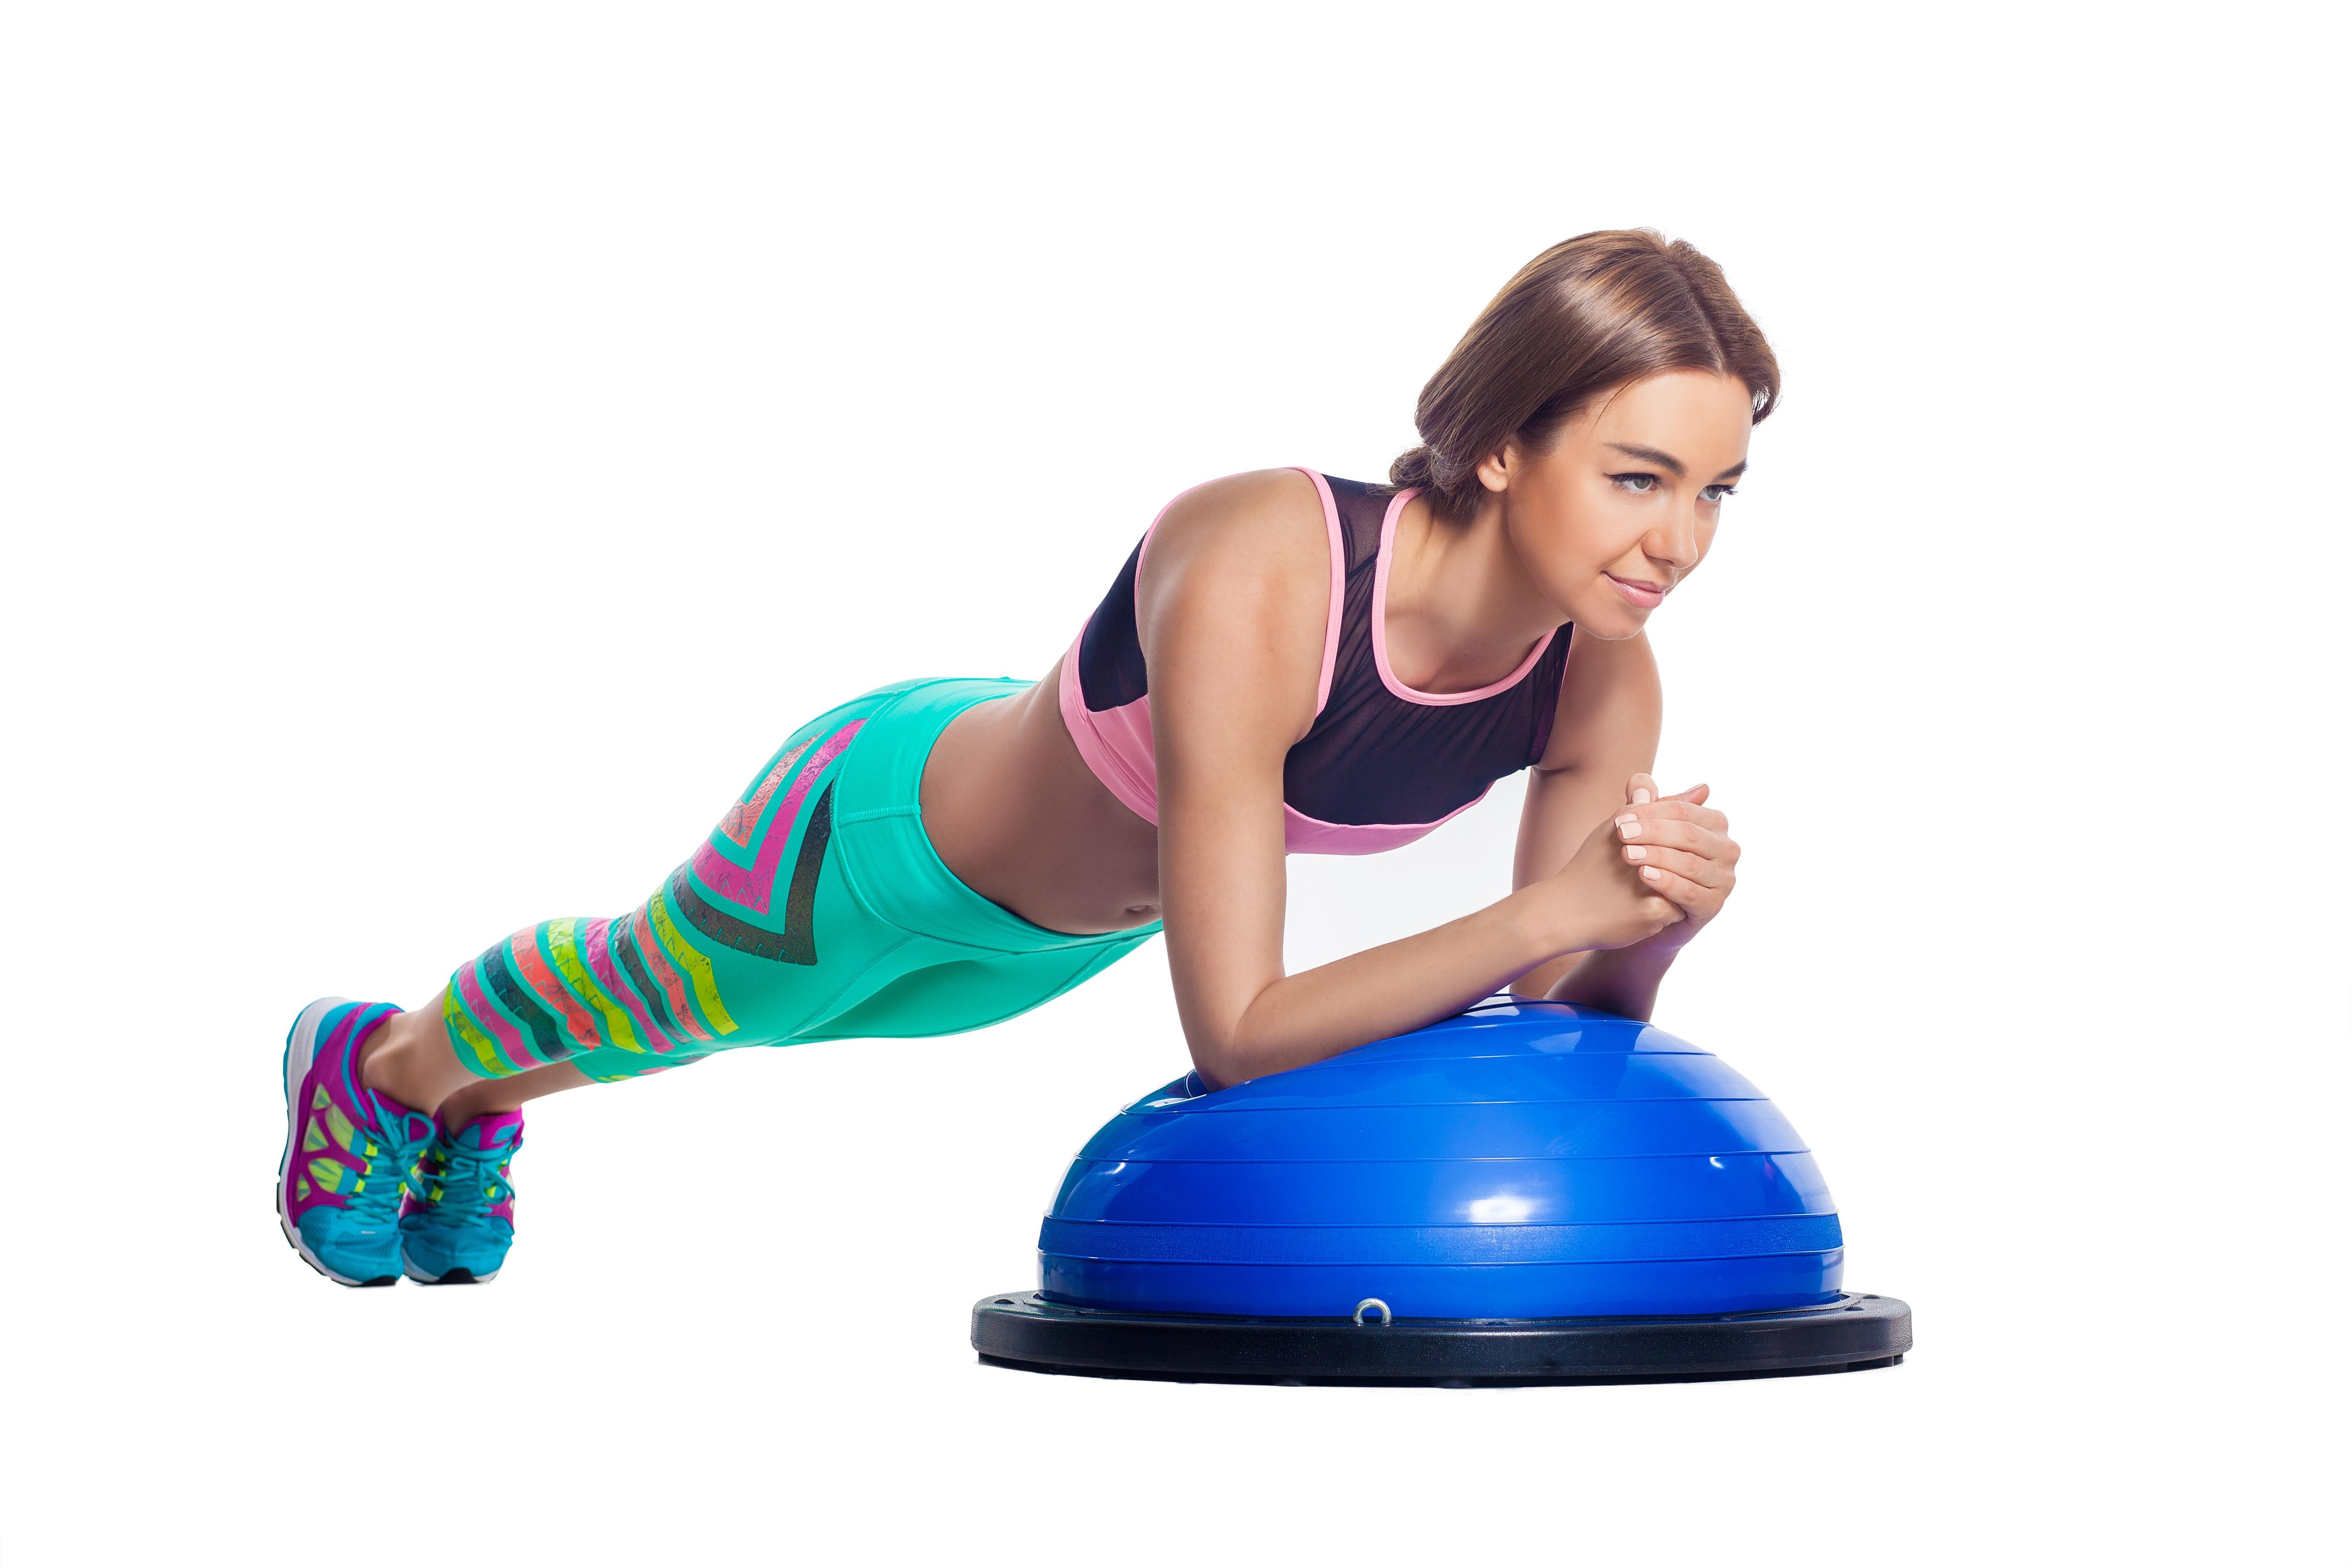 cvičenie na bosu, Cvičenie na bosu: zlepší stabilitu a oživí každý tréning